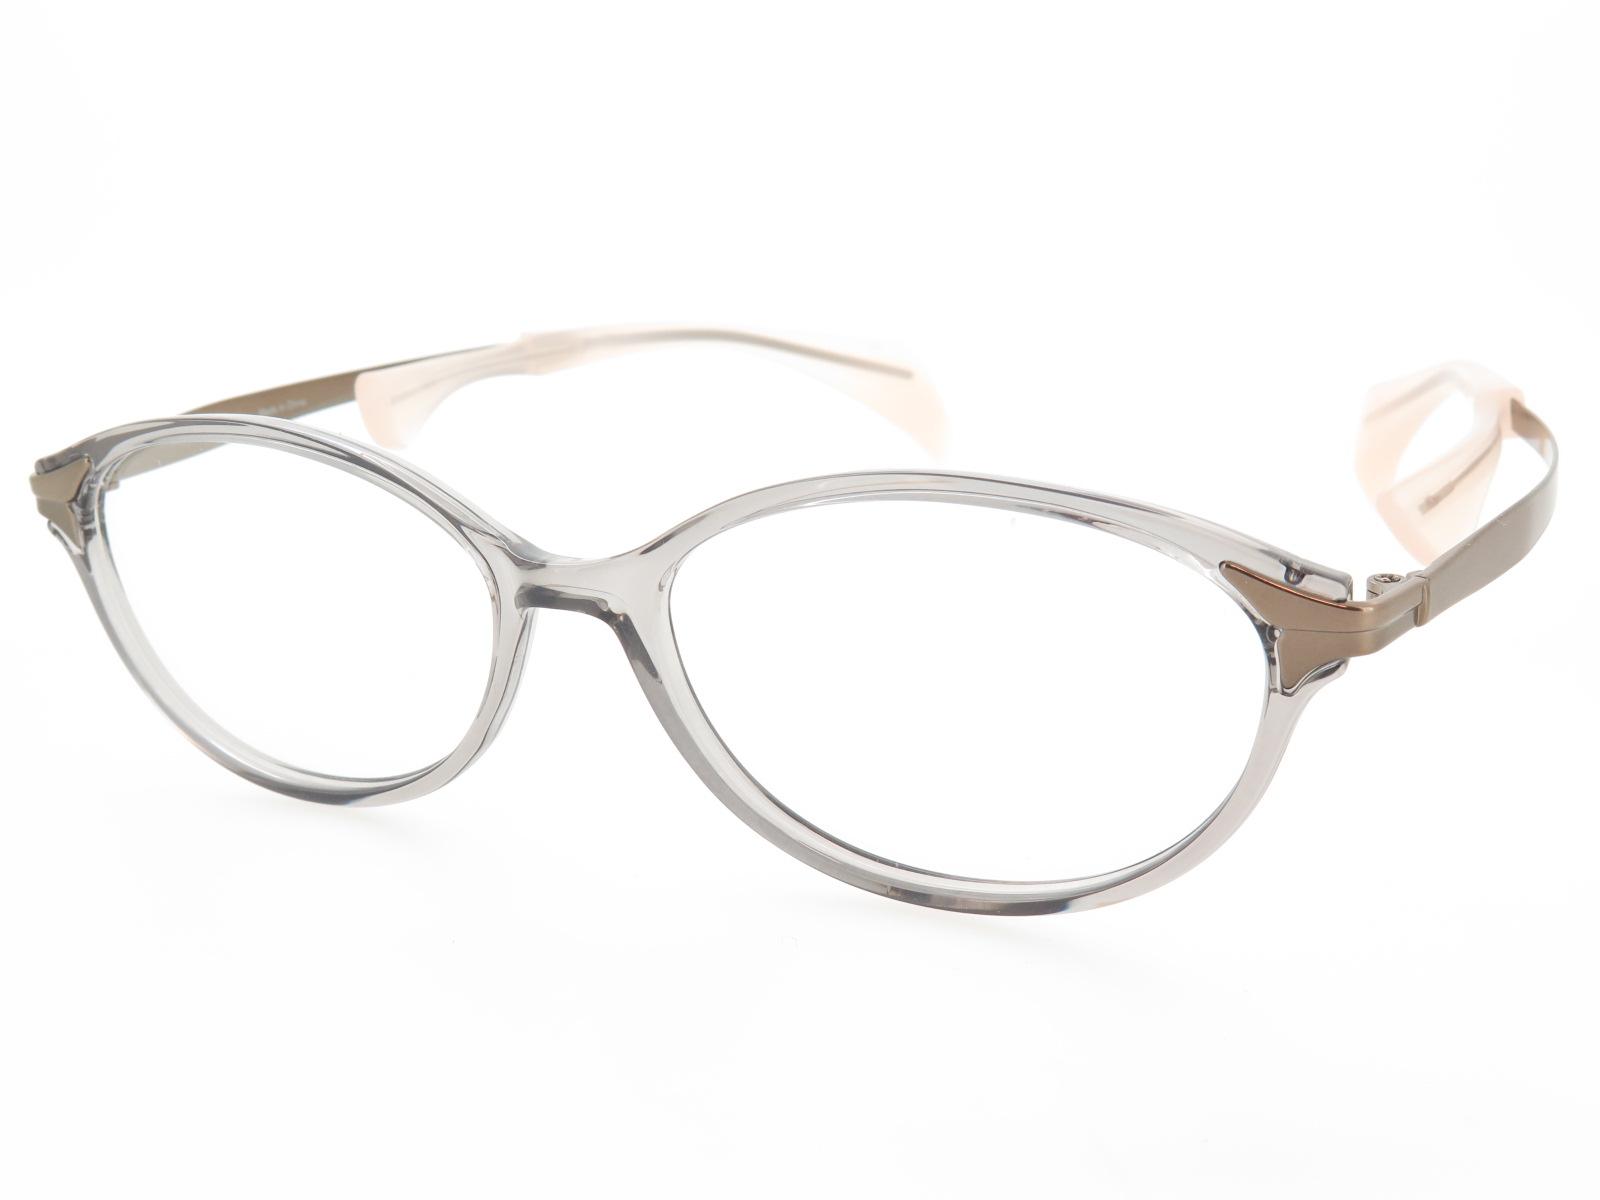 ちょこシー ChocoSee 鼻に跡が付かないメガネ レディース FG24506 LG